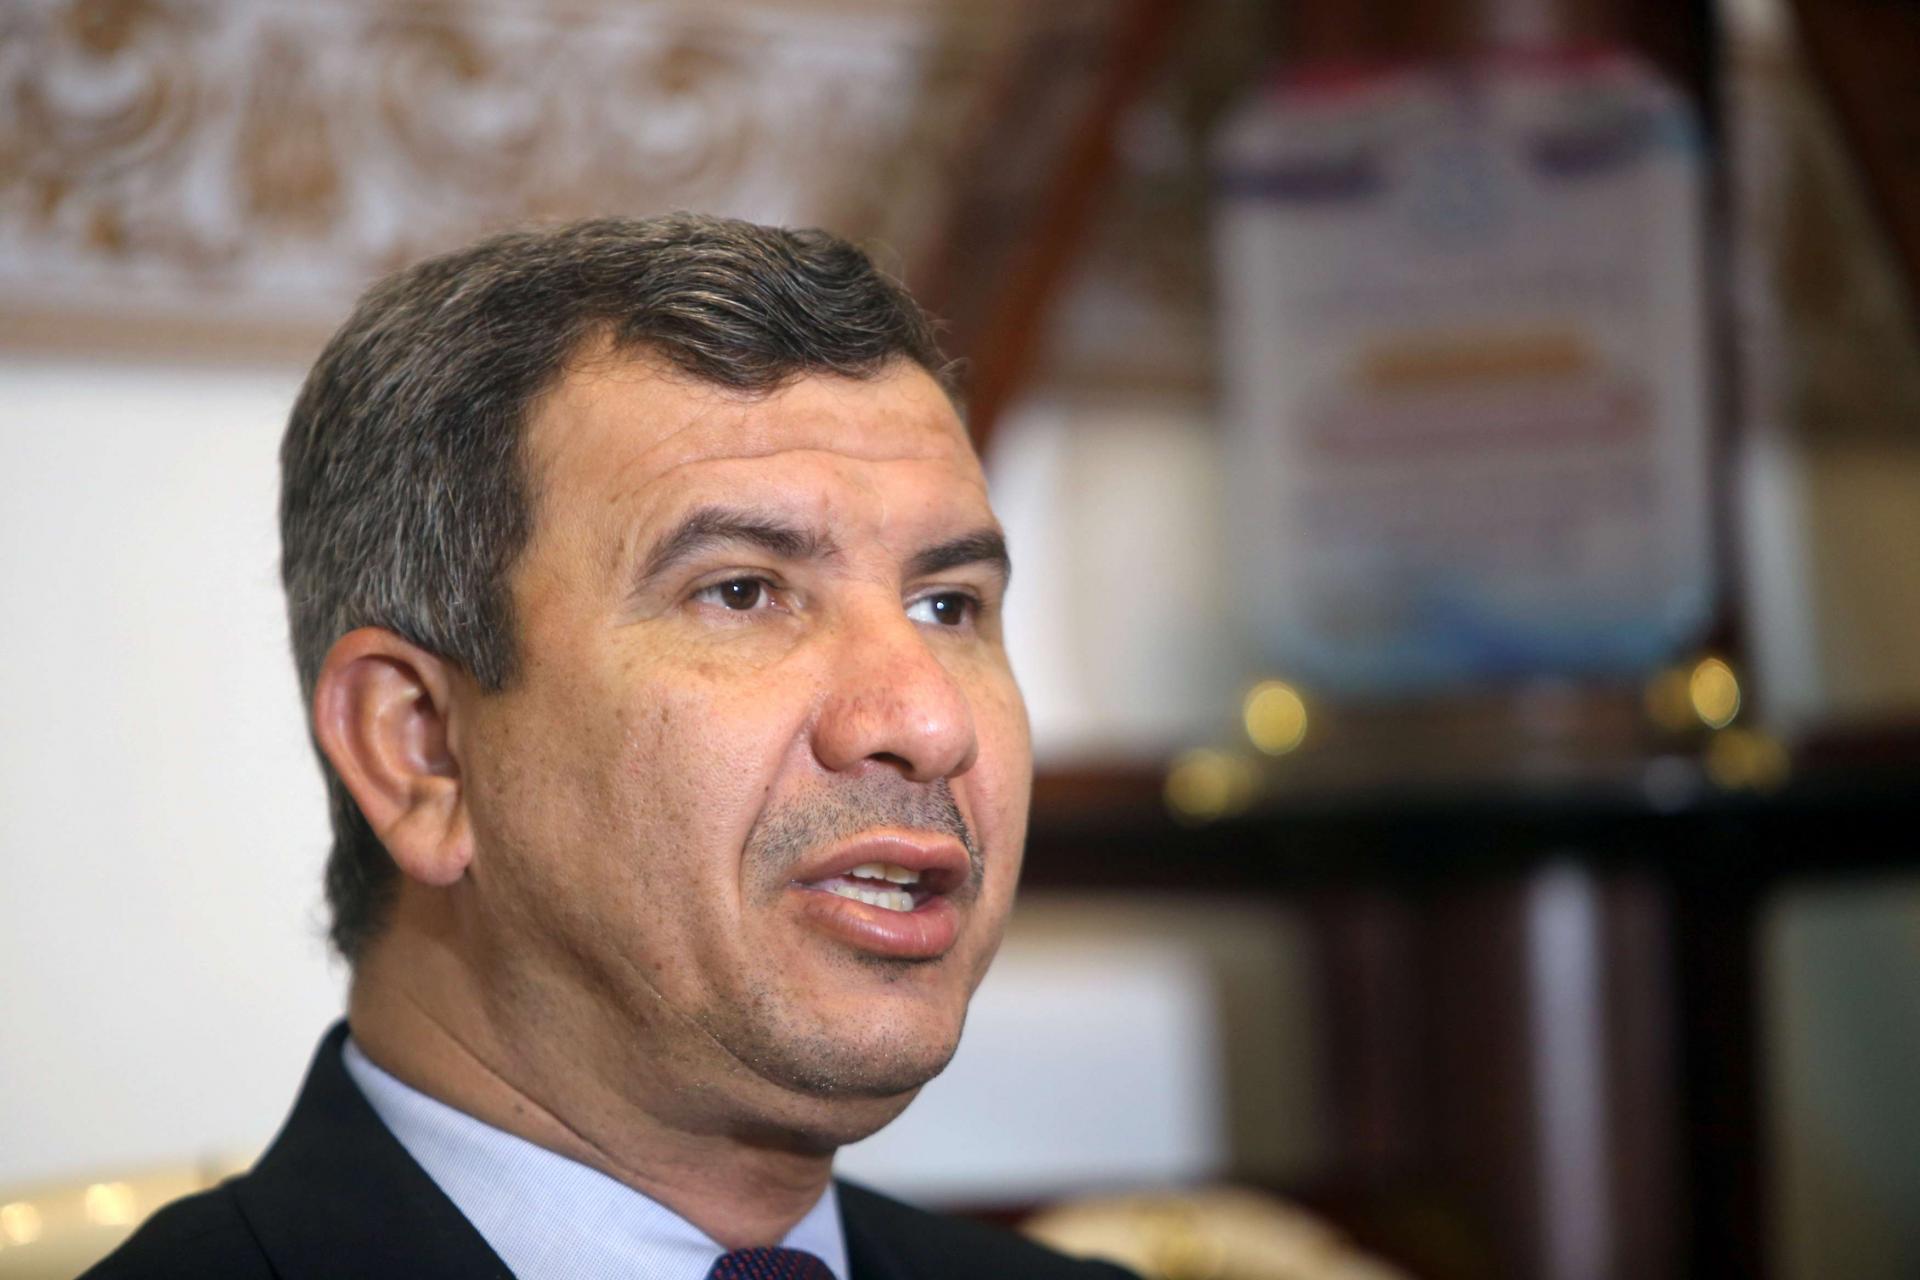 وزير النفط يؤكد على إنجاز المشاريع الاستثمارية لدعم الاقتصاد الوطني